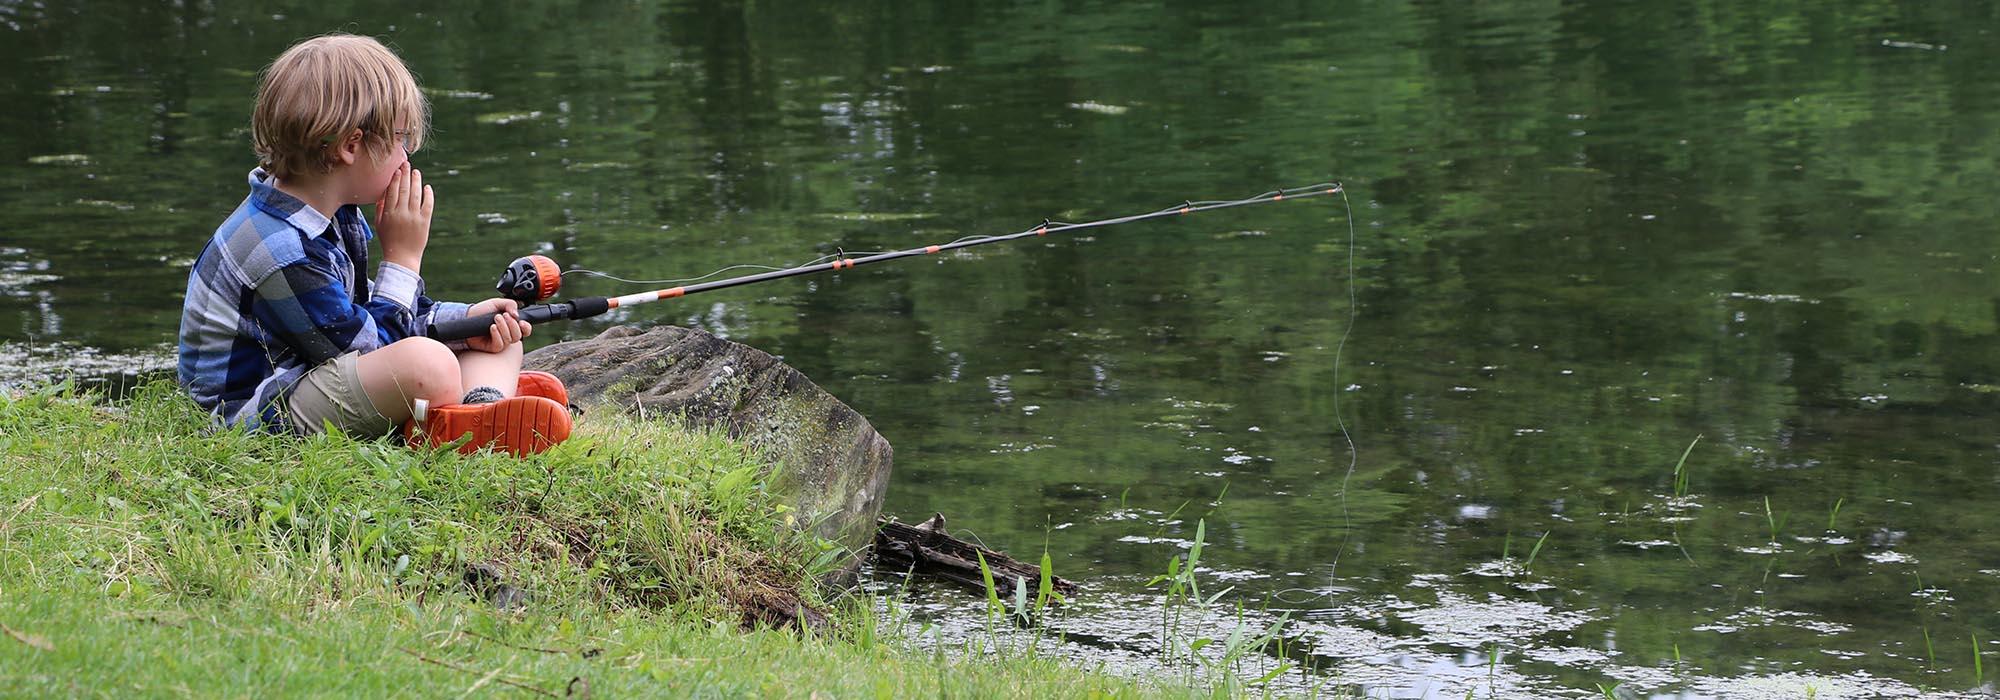 child-fishing-3867994-pixabay